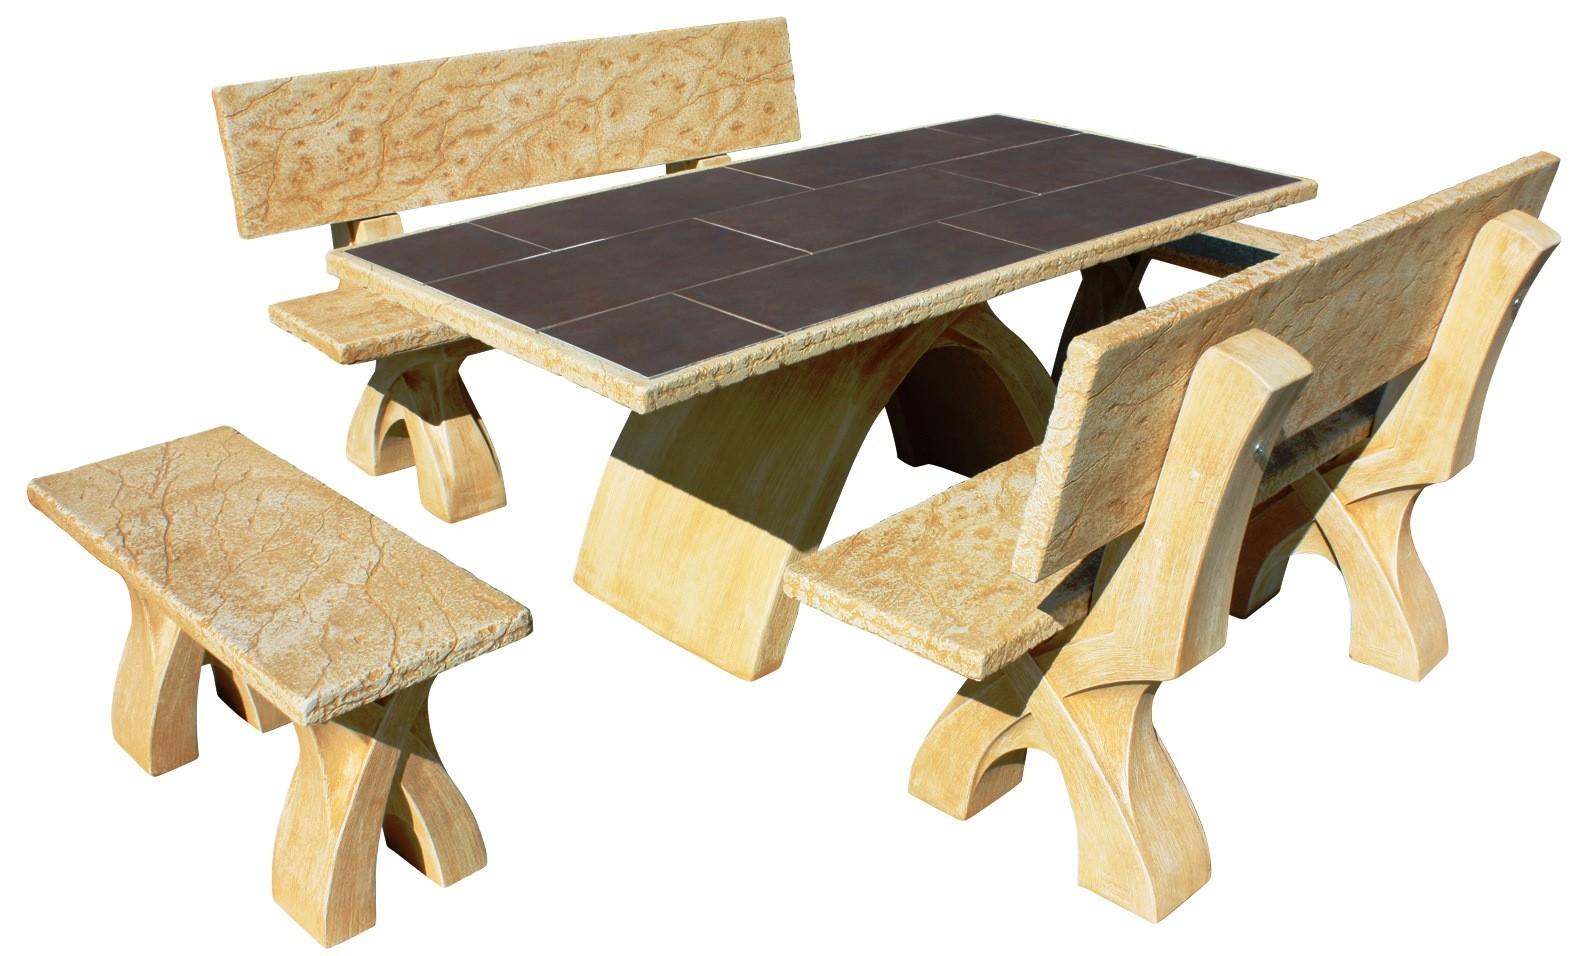 Mesa de jardin astral con azulejos de piedra artificial for Piedra artificial jardin